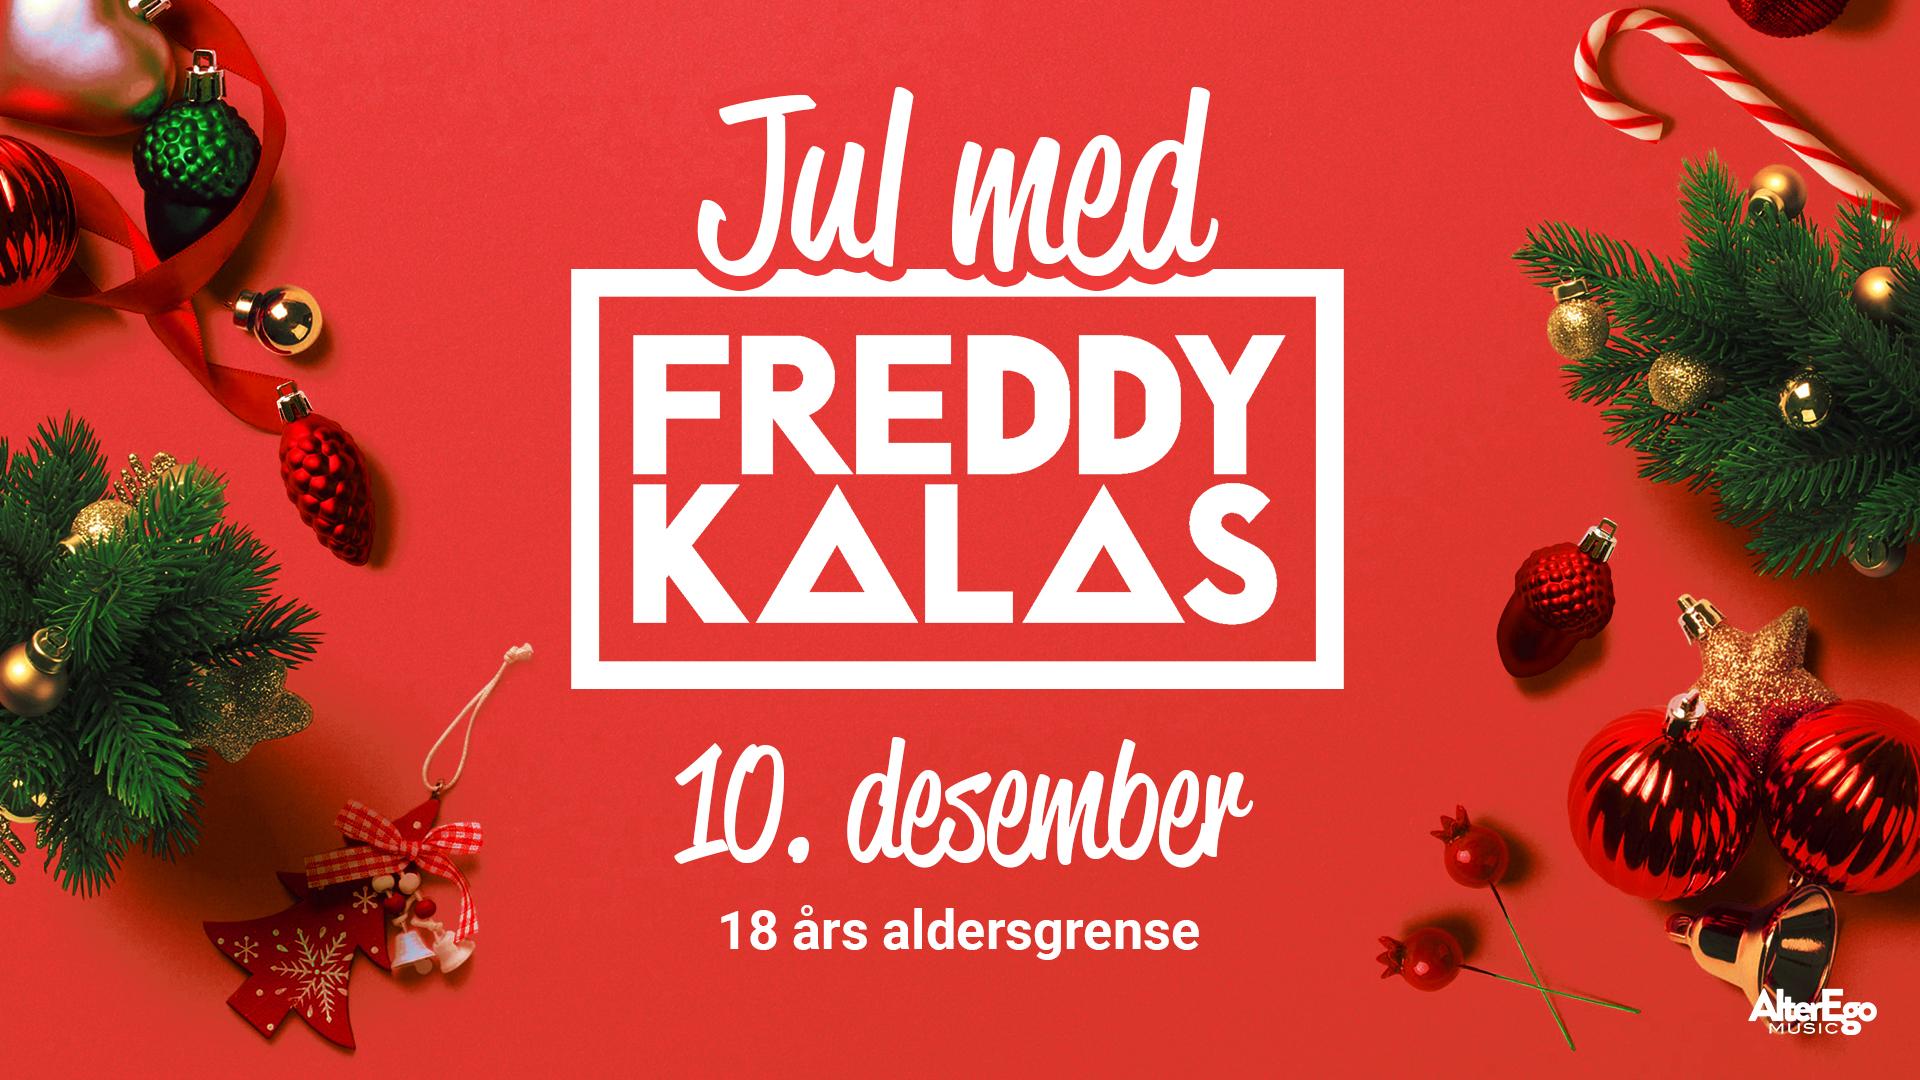 Jul med Kalas (Over 18)